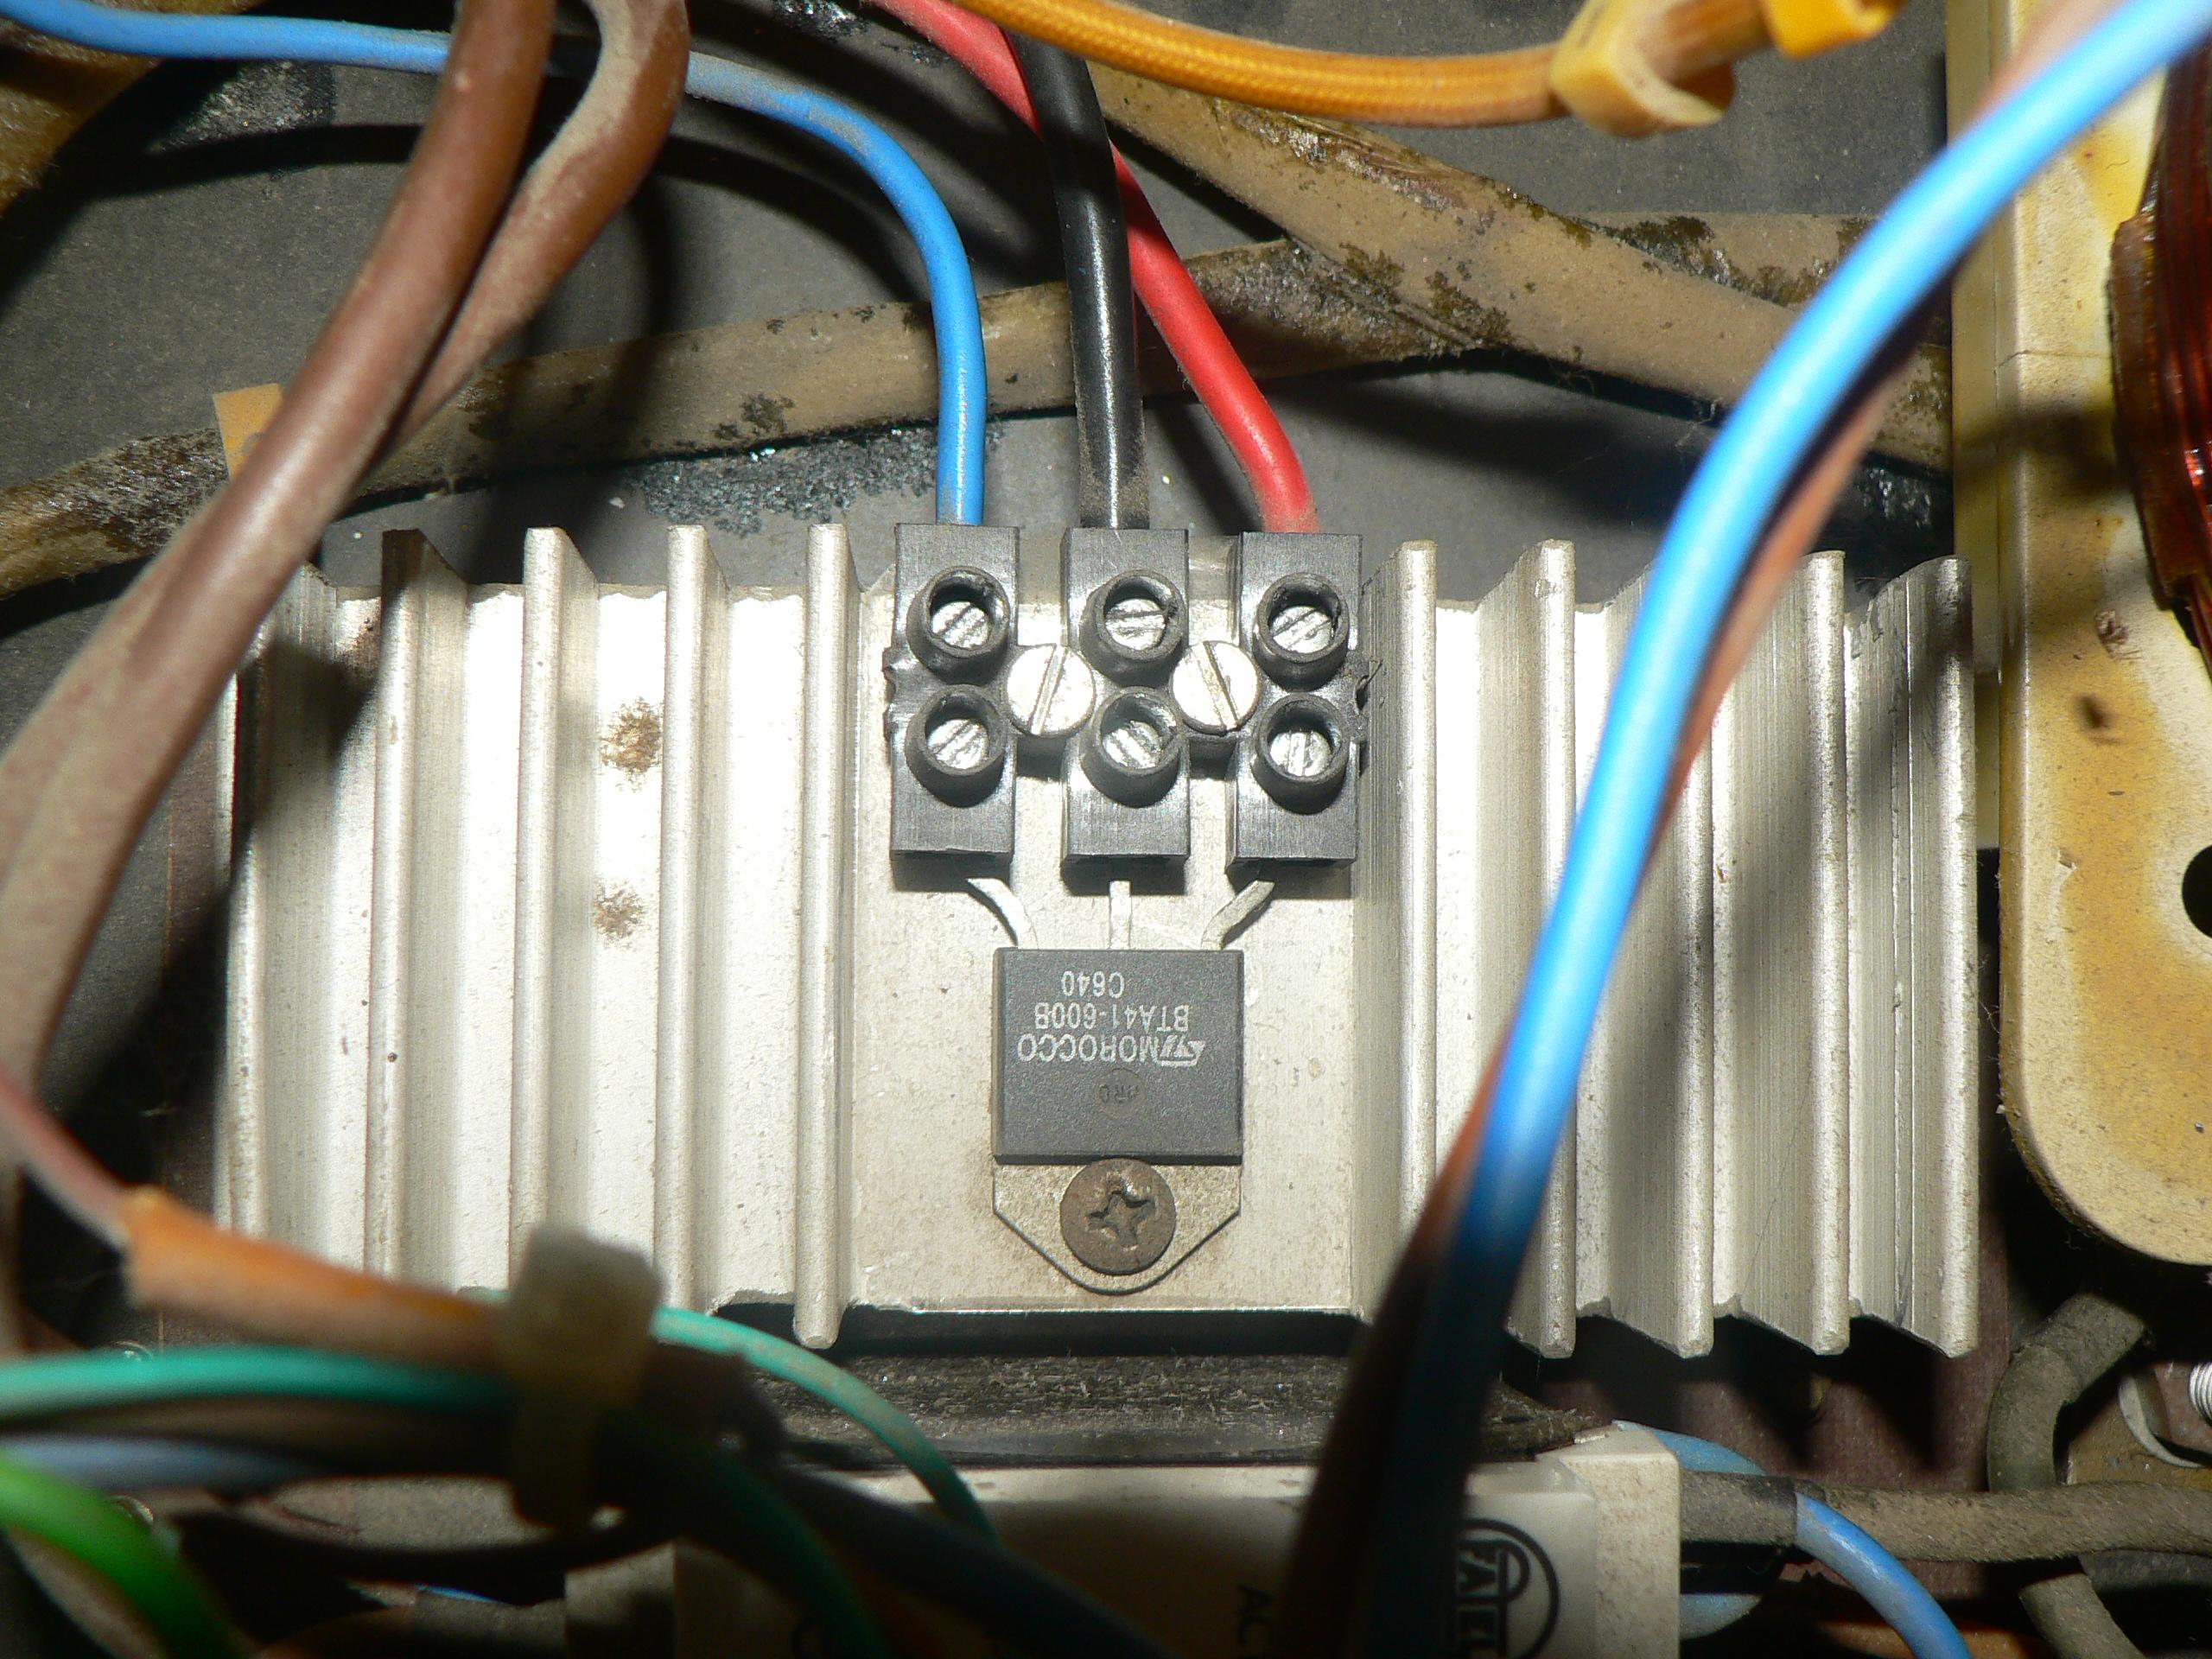 Spawarka transformatorowa 160A firmy WezFam straci�a moc.